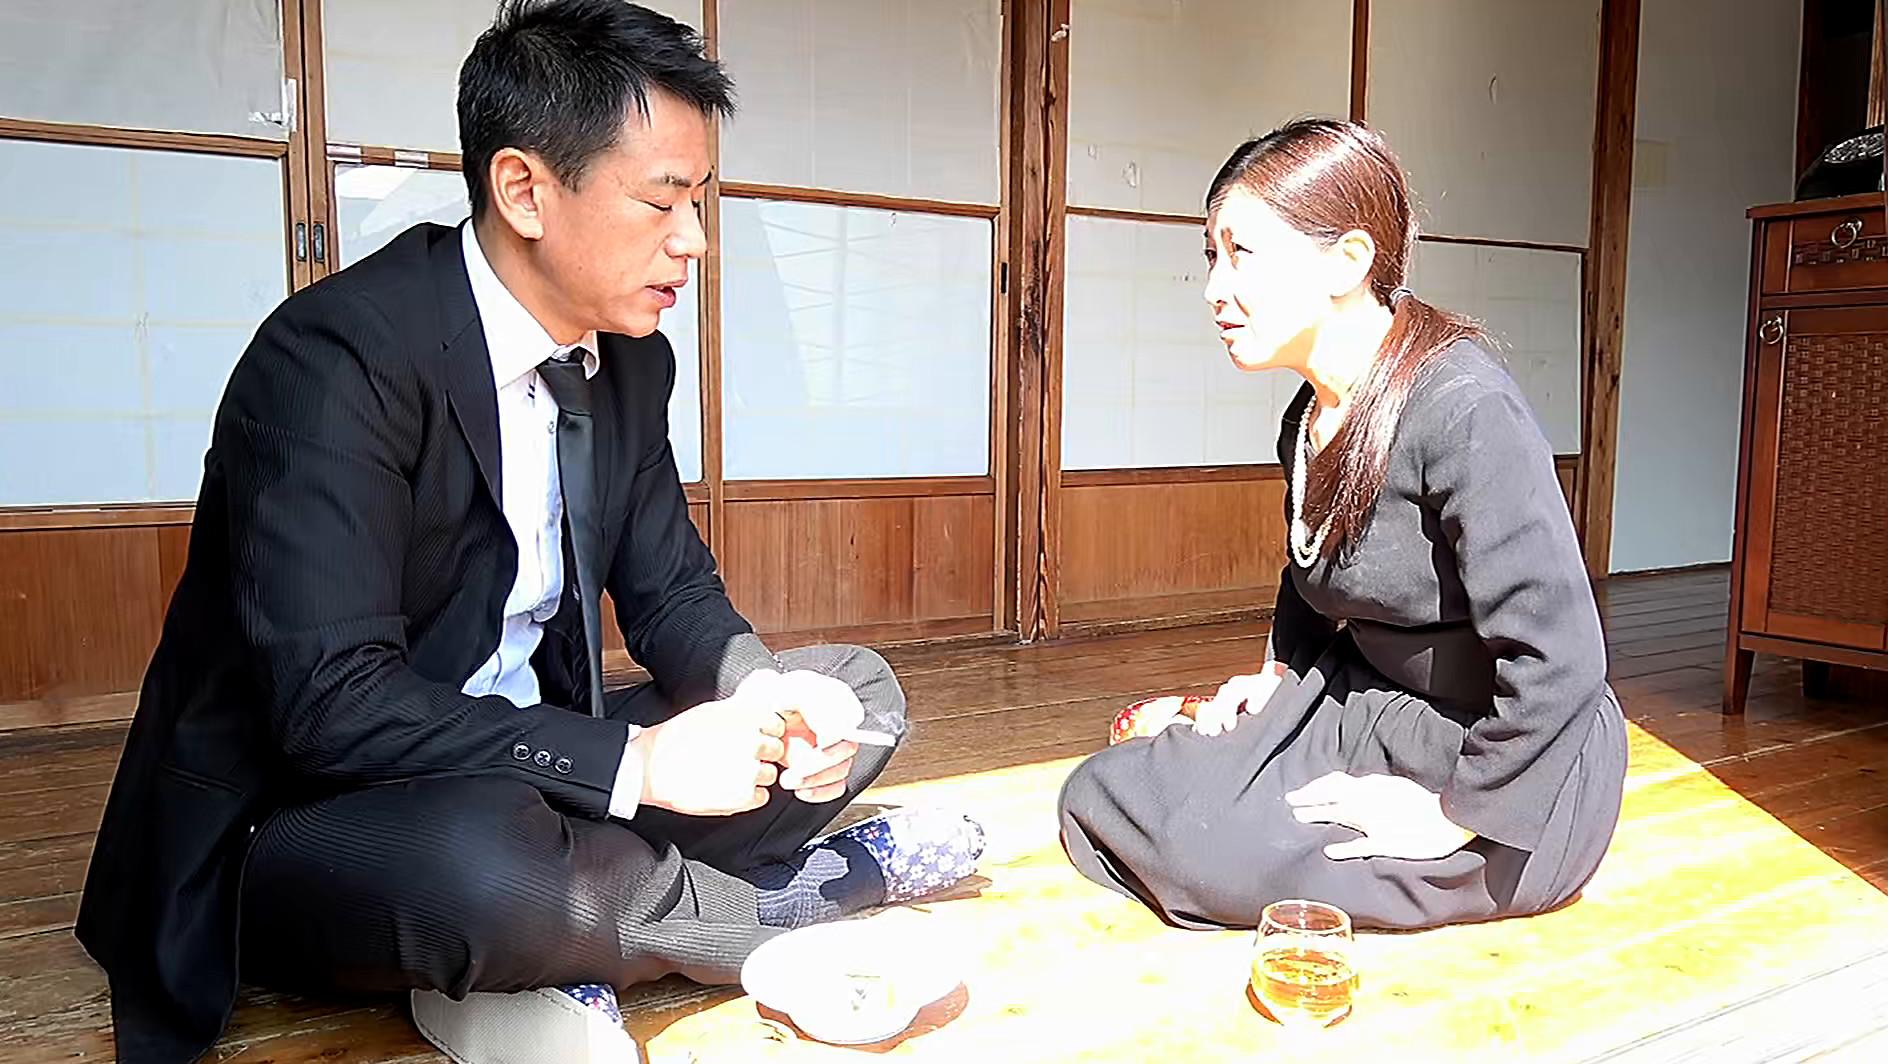 熟女 交尾ドラマ全集 アテナ秘宝館 10人4時間 画像12